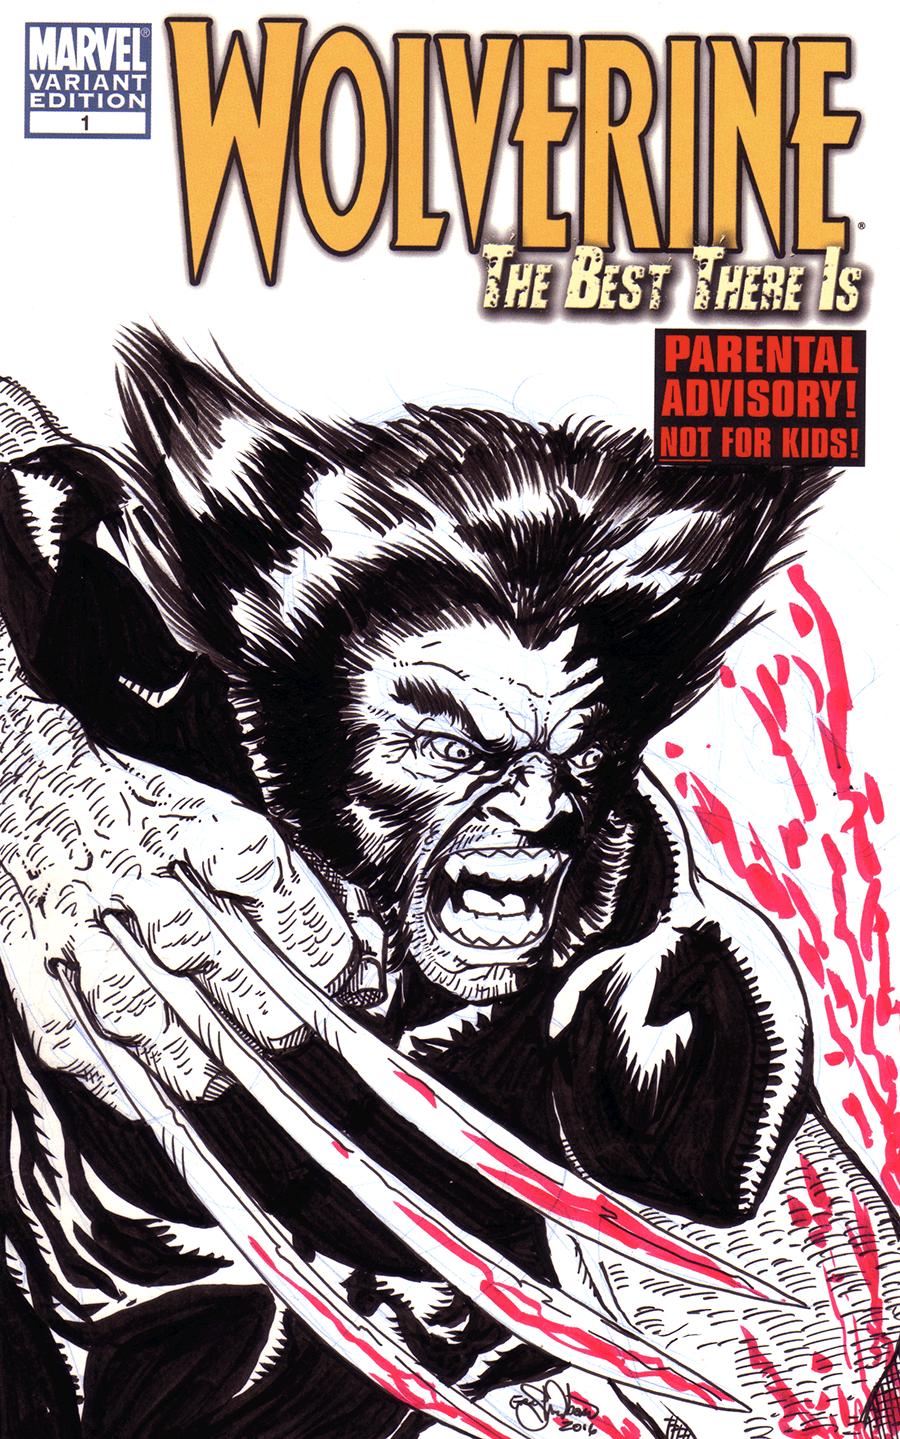 502. Wolverine